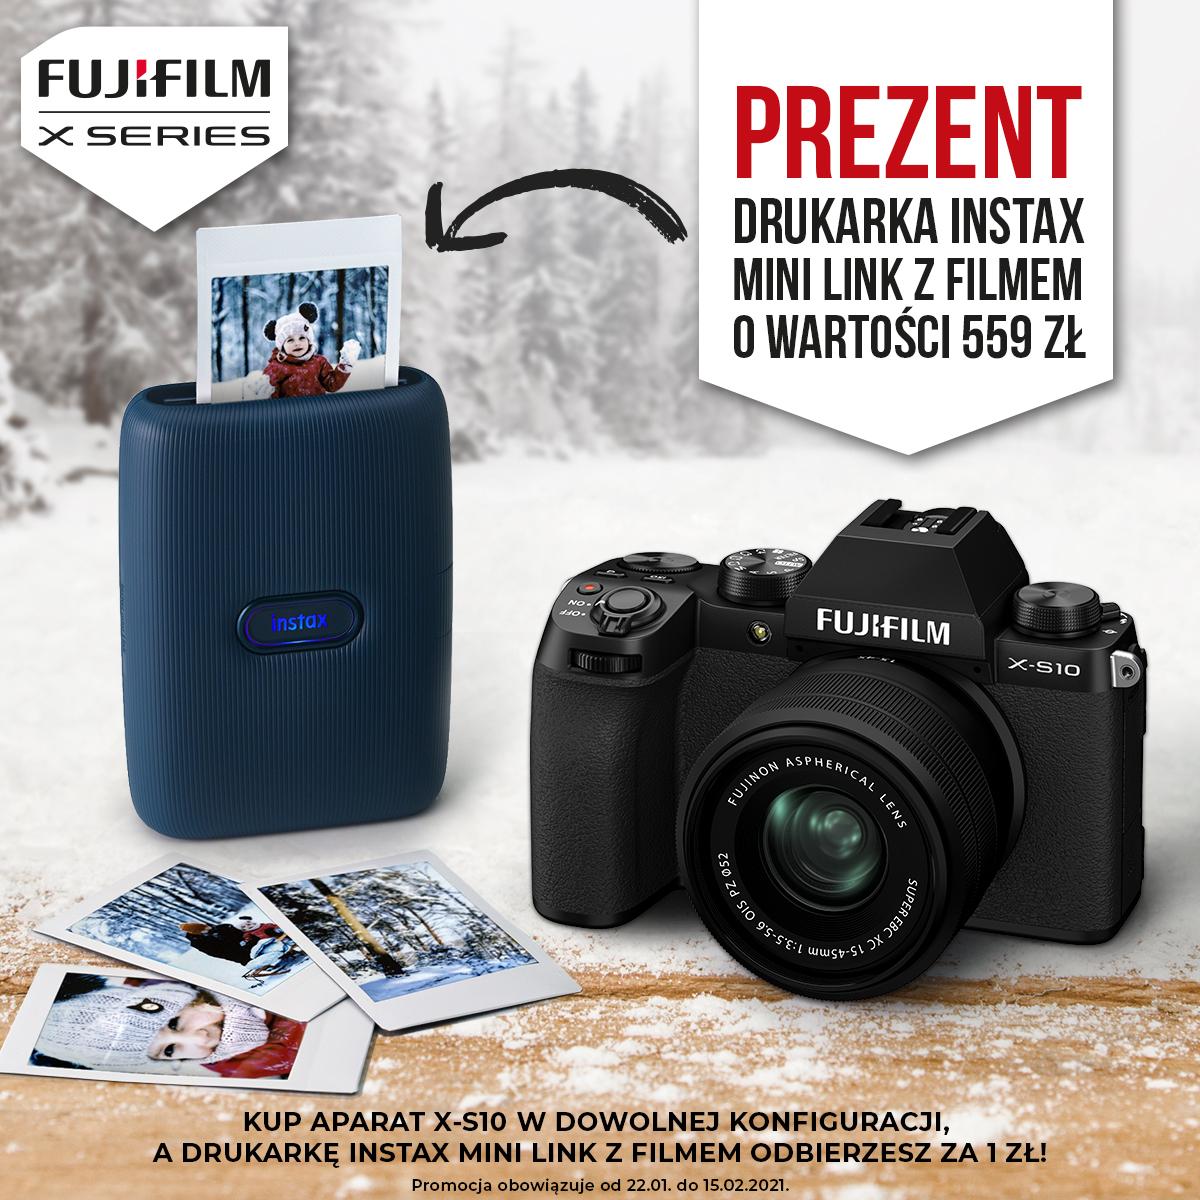 fujifilm x-s10, instax mini link,